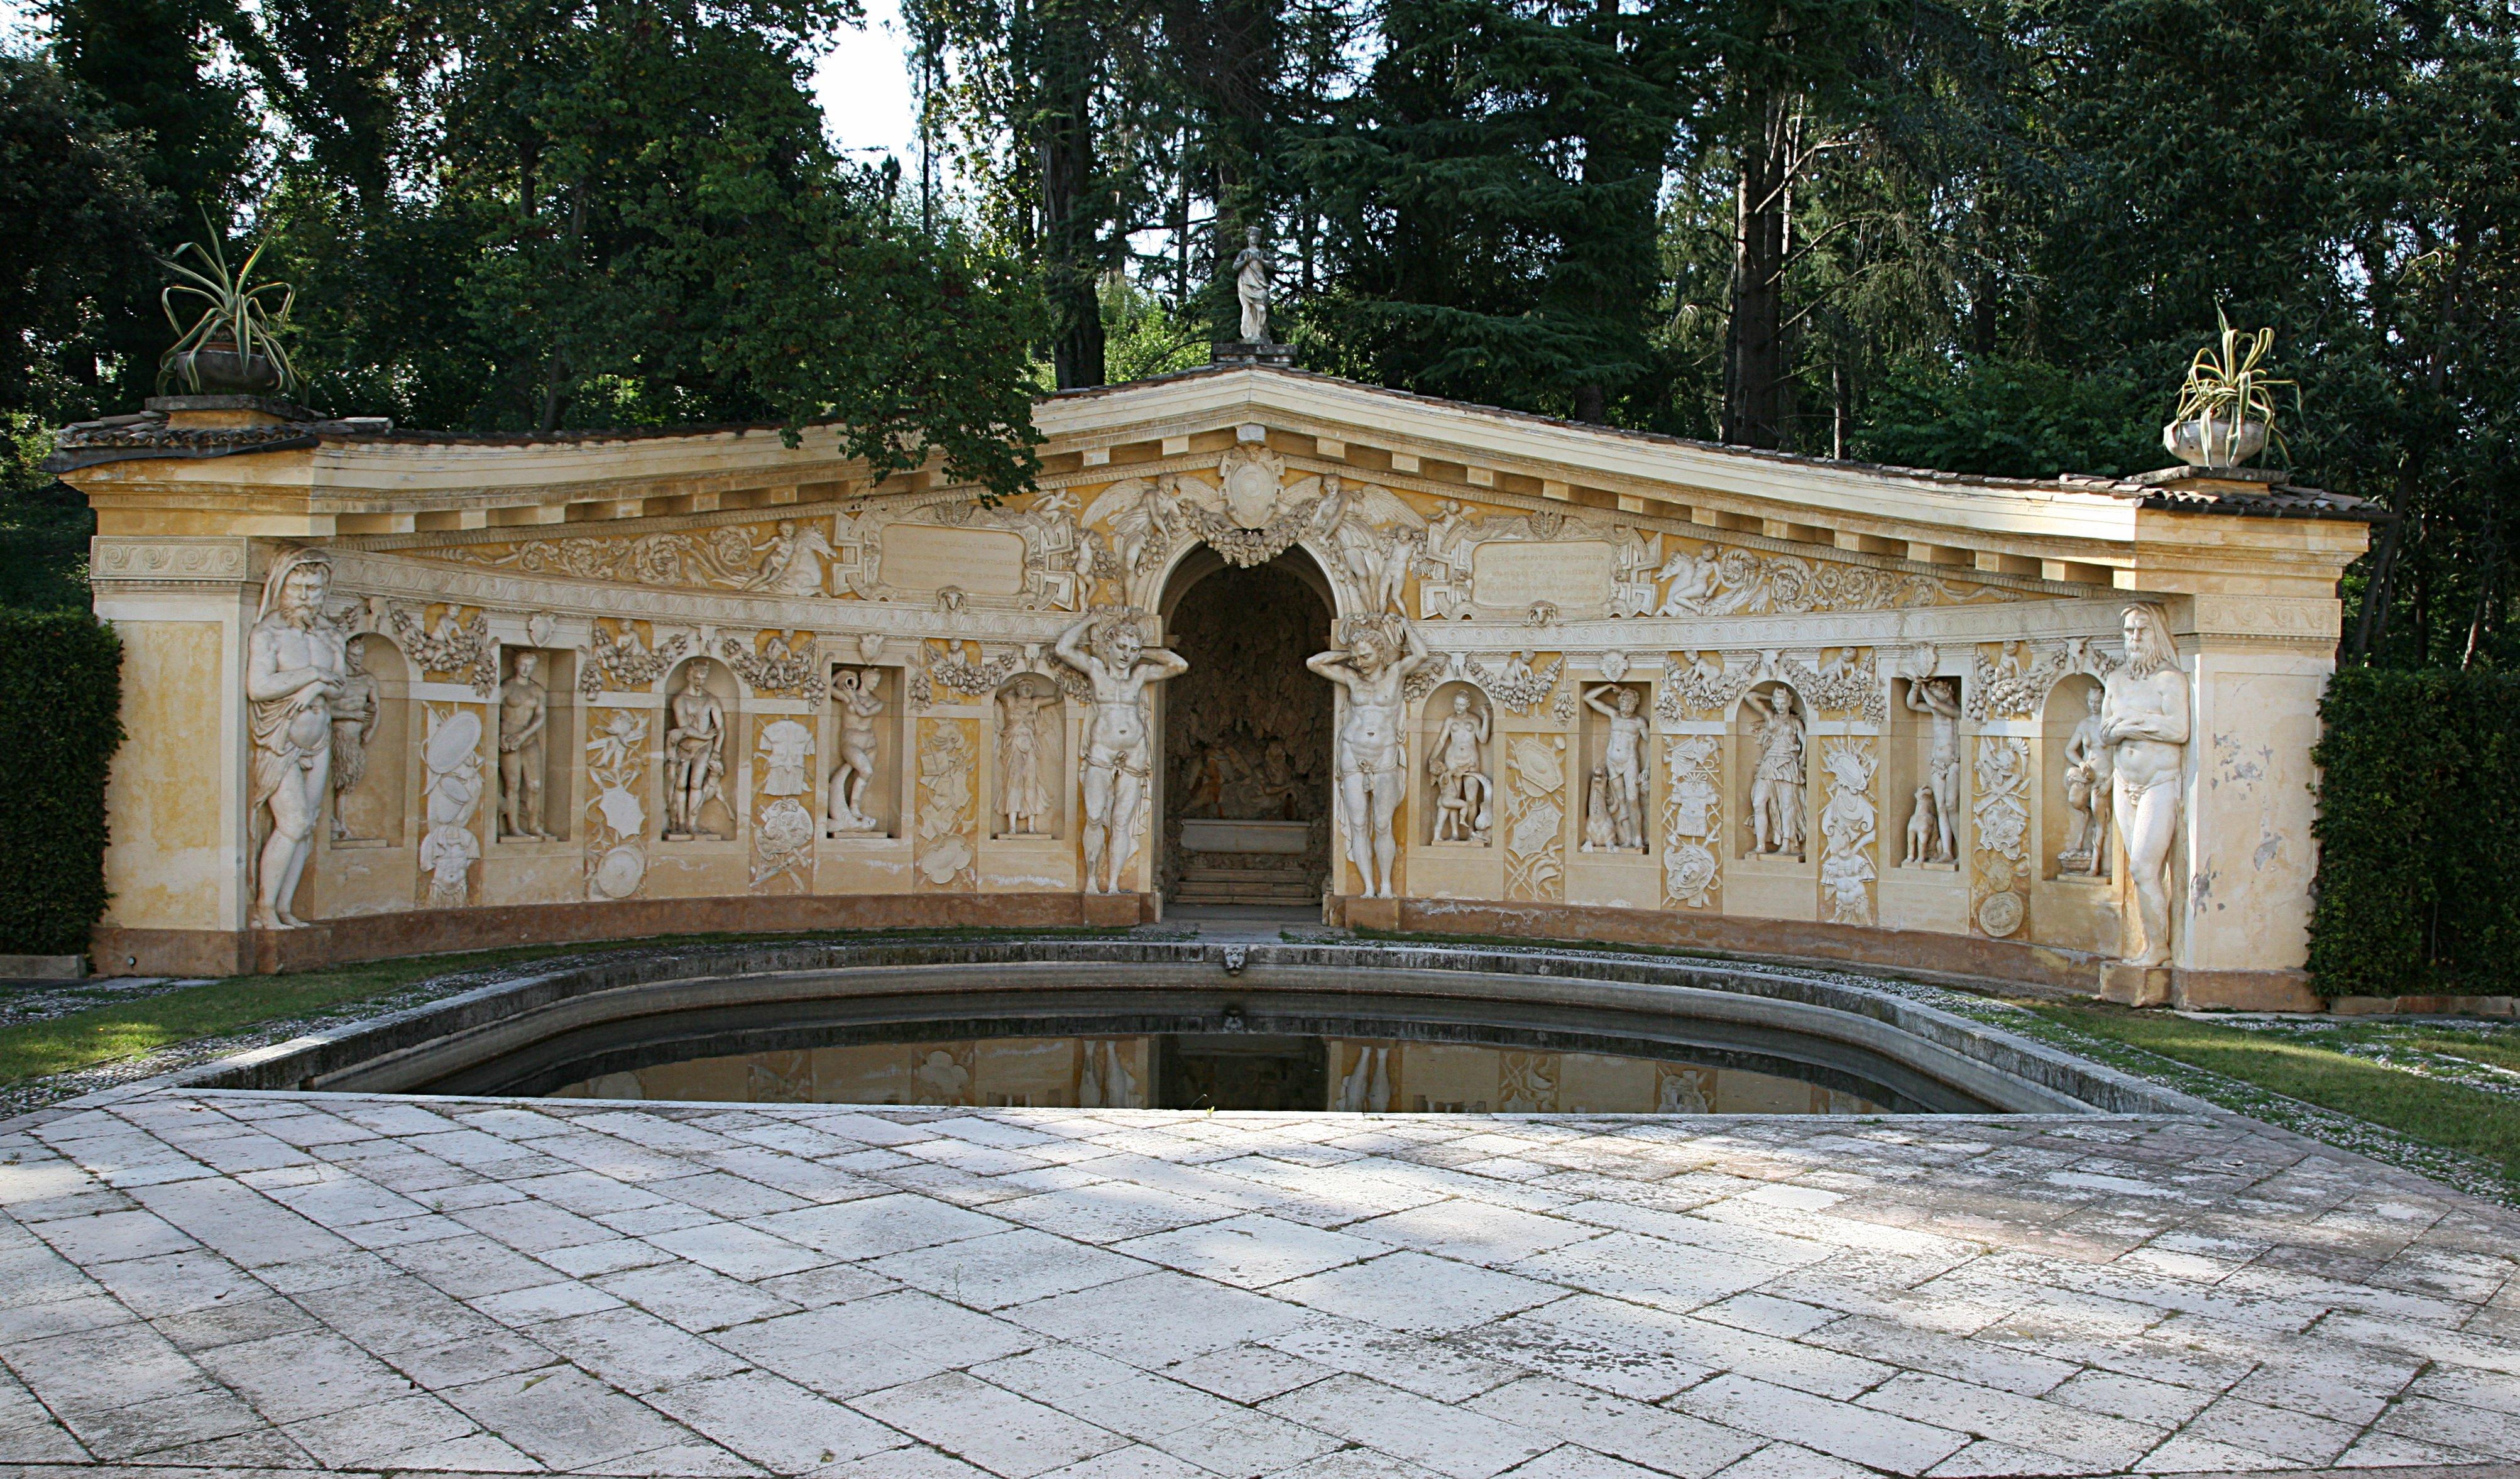 Palladio. Nymphaeum. Villa Barbaro, Veneto, Italy. ca. 1550s.